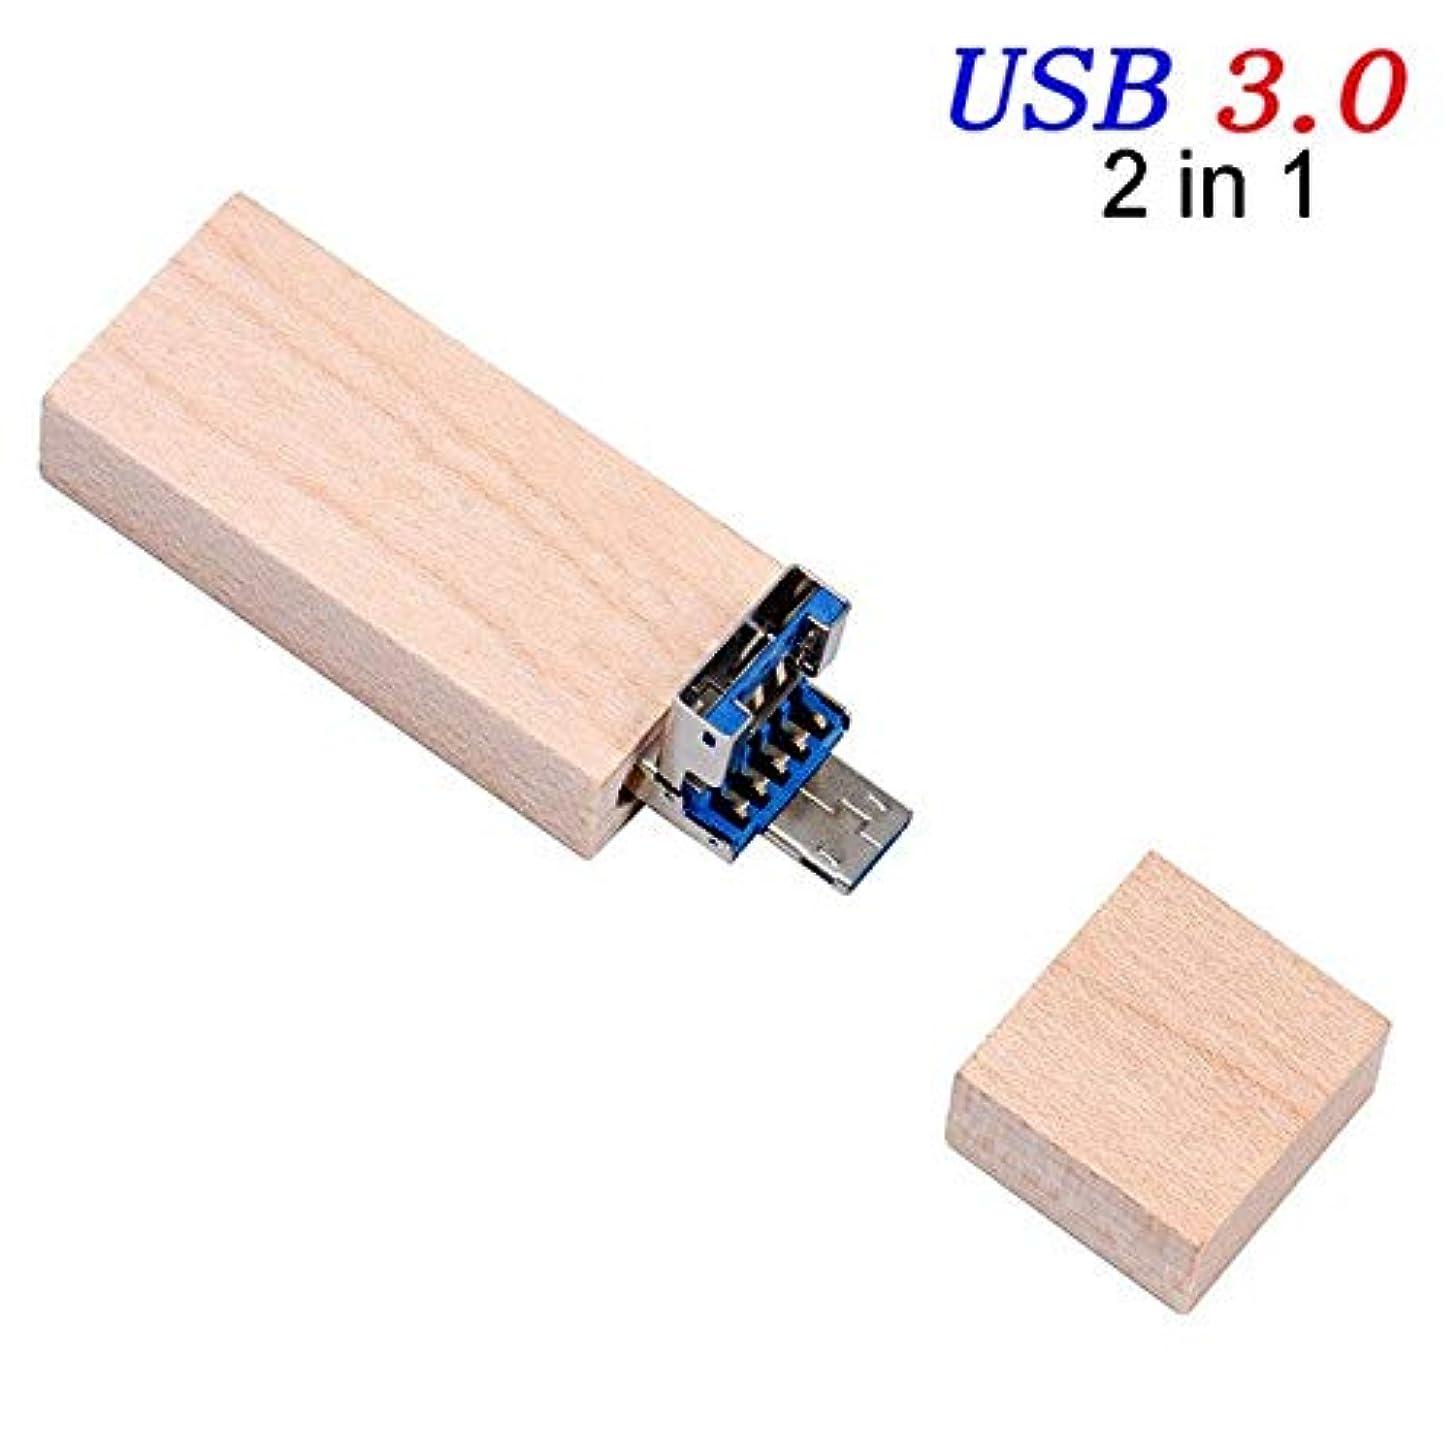 注ぎます市の花ではごきげんようUsb 3.0USBメモリ4GB 16GB 32GB 64GB 容量USBUSBメモリドライブフラッシュドライブフラッシュドライブスマートフォン専用1I